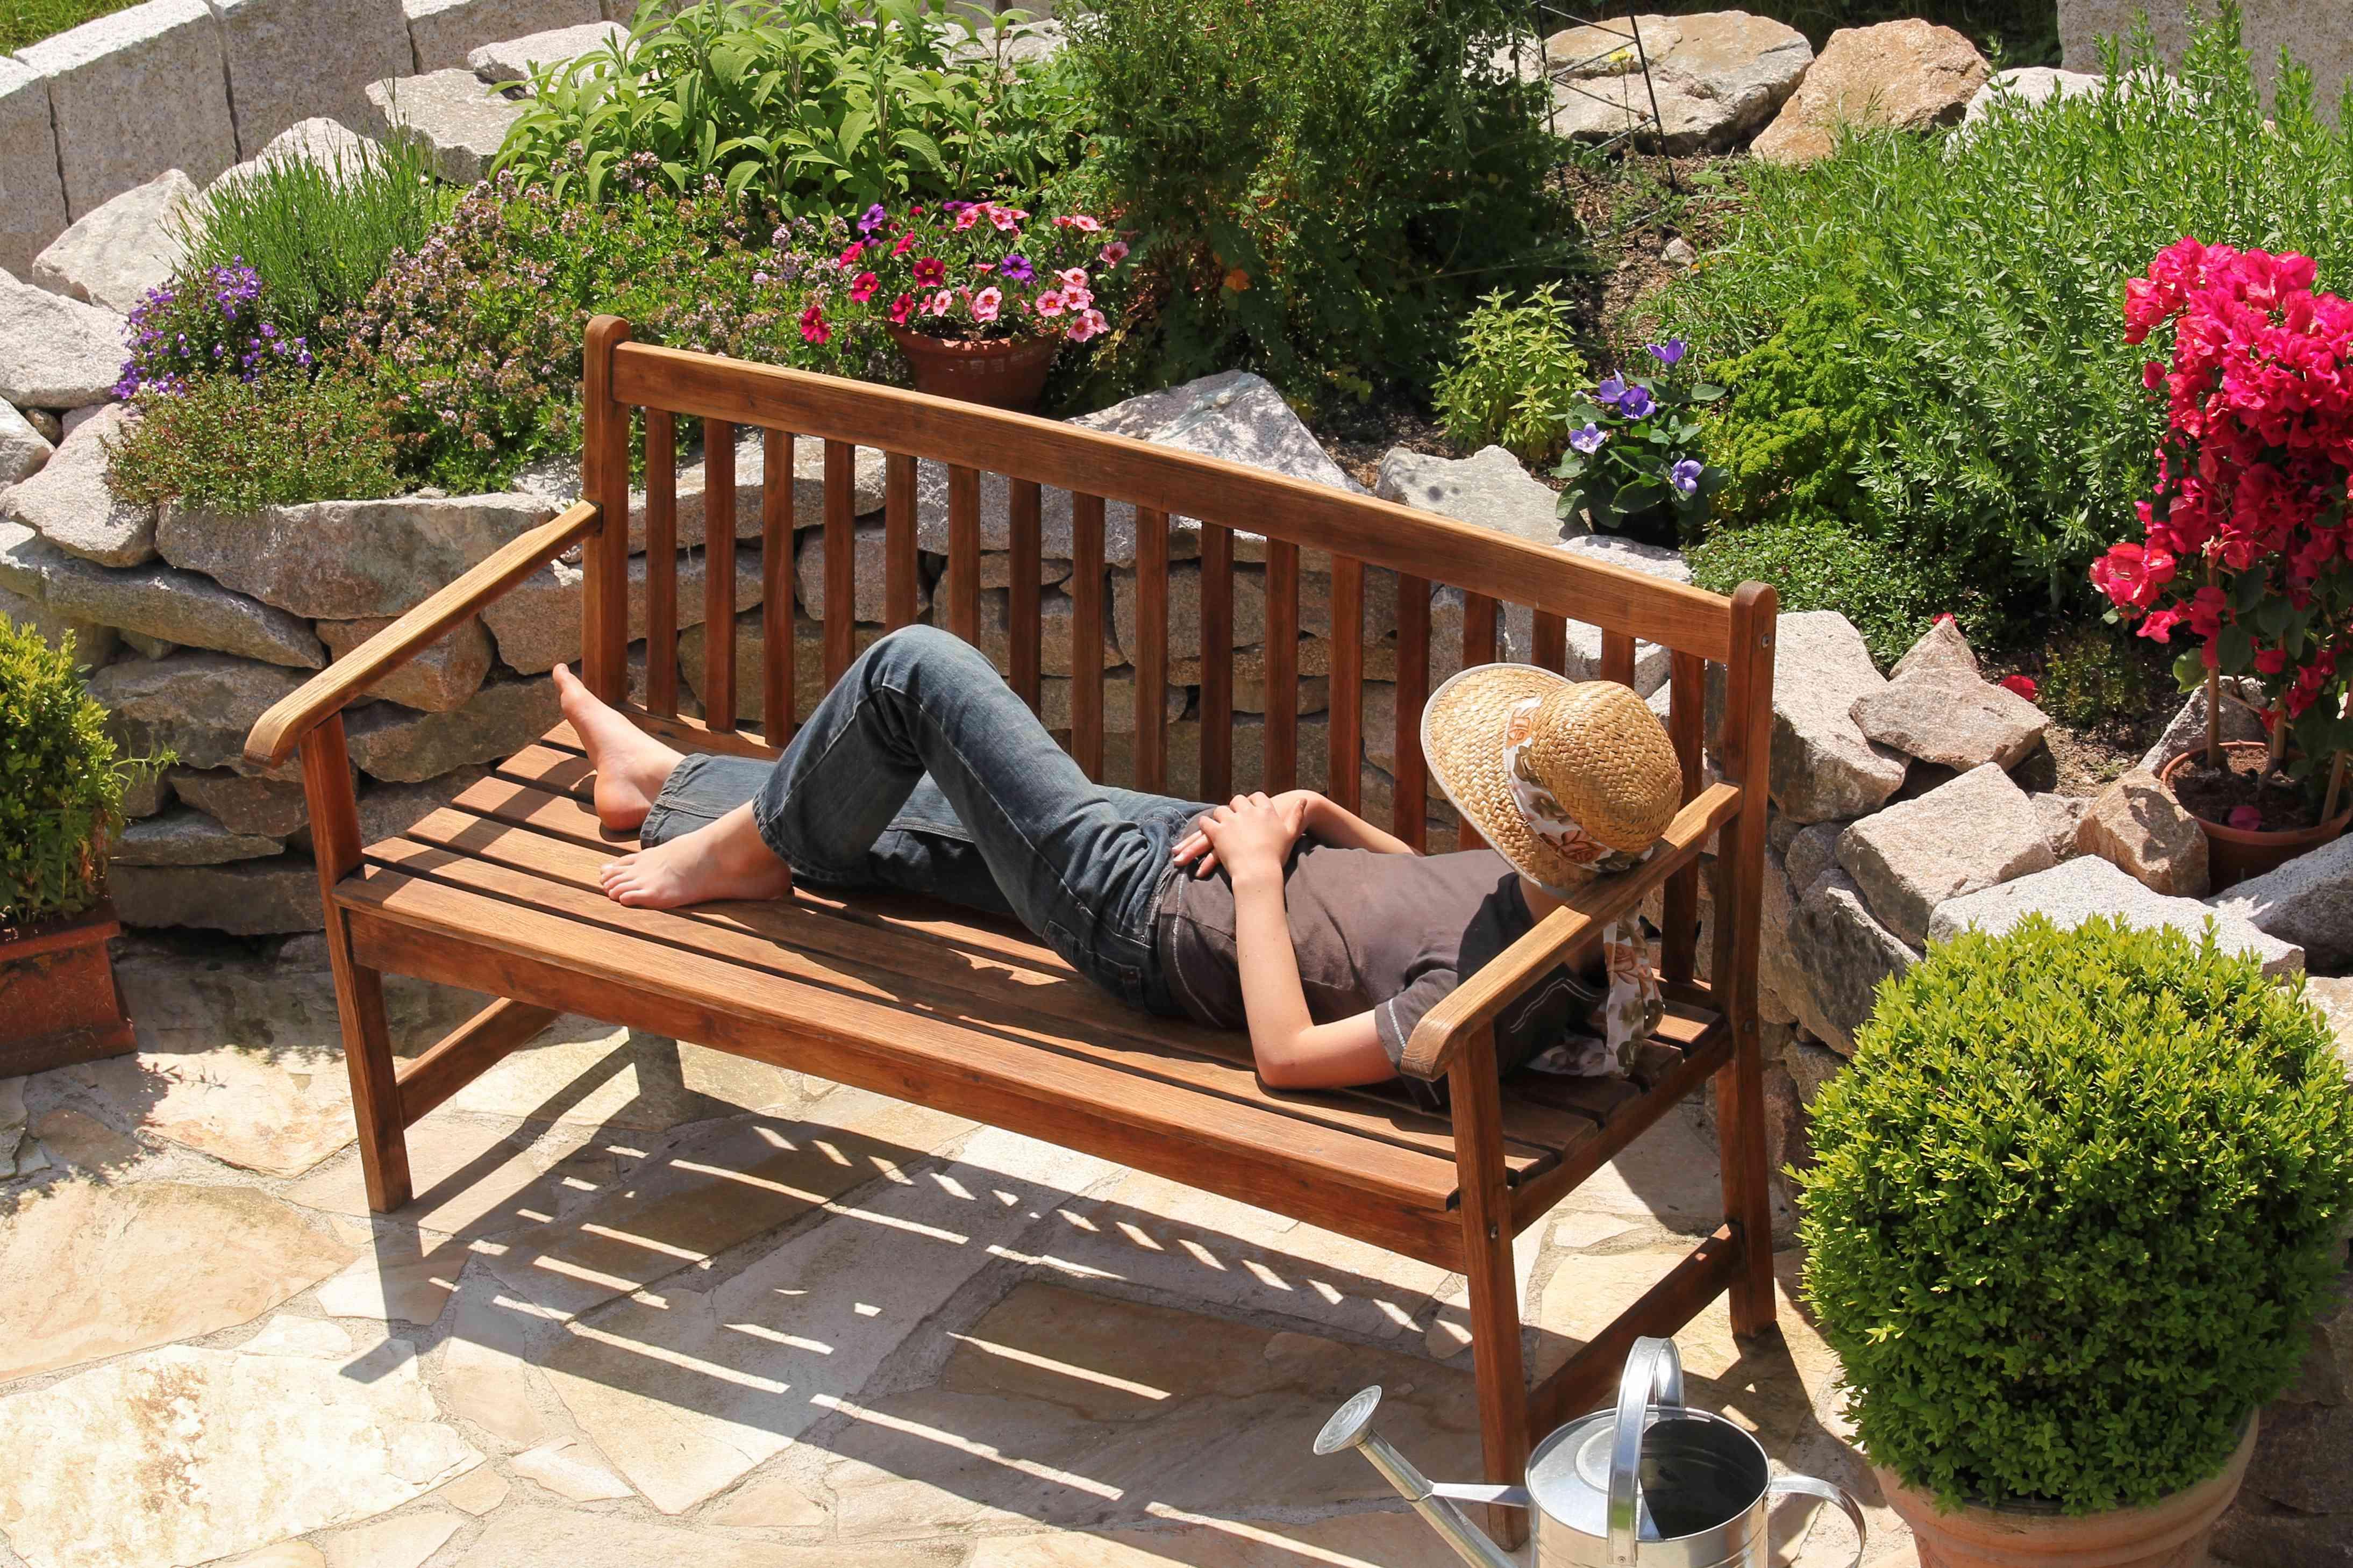 Relajarse en un banco de jardín